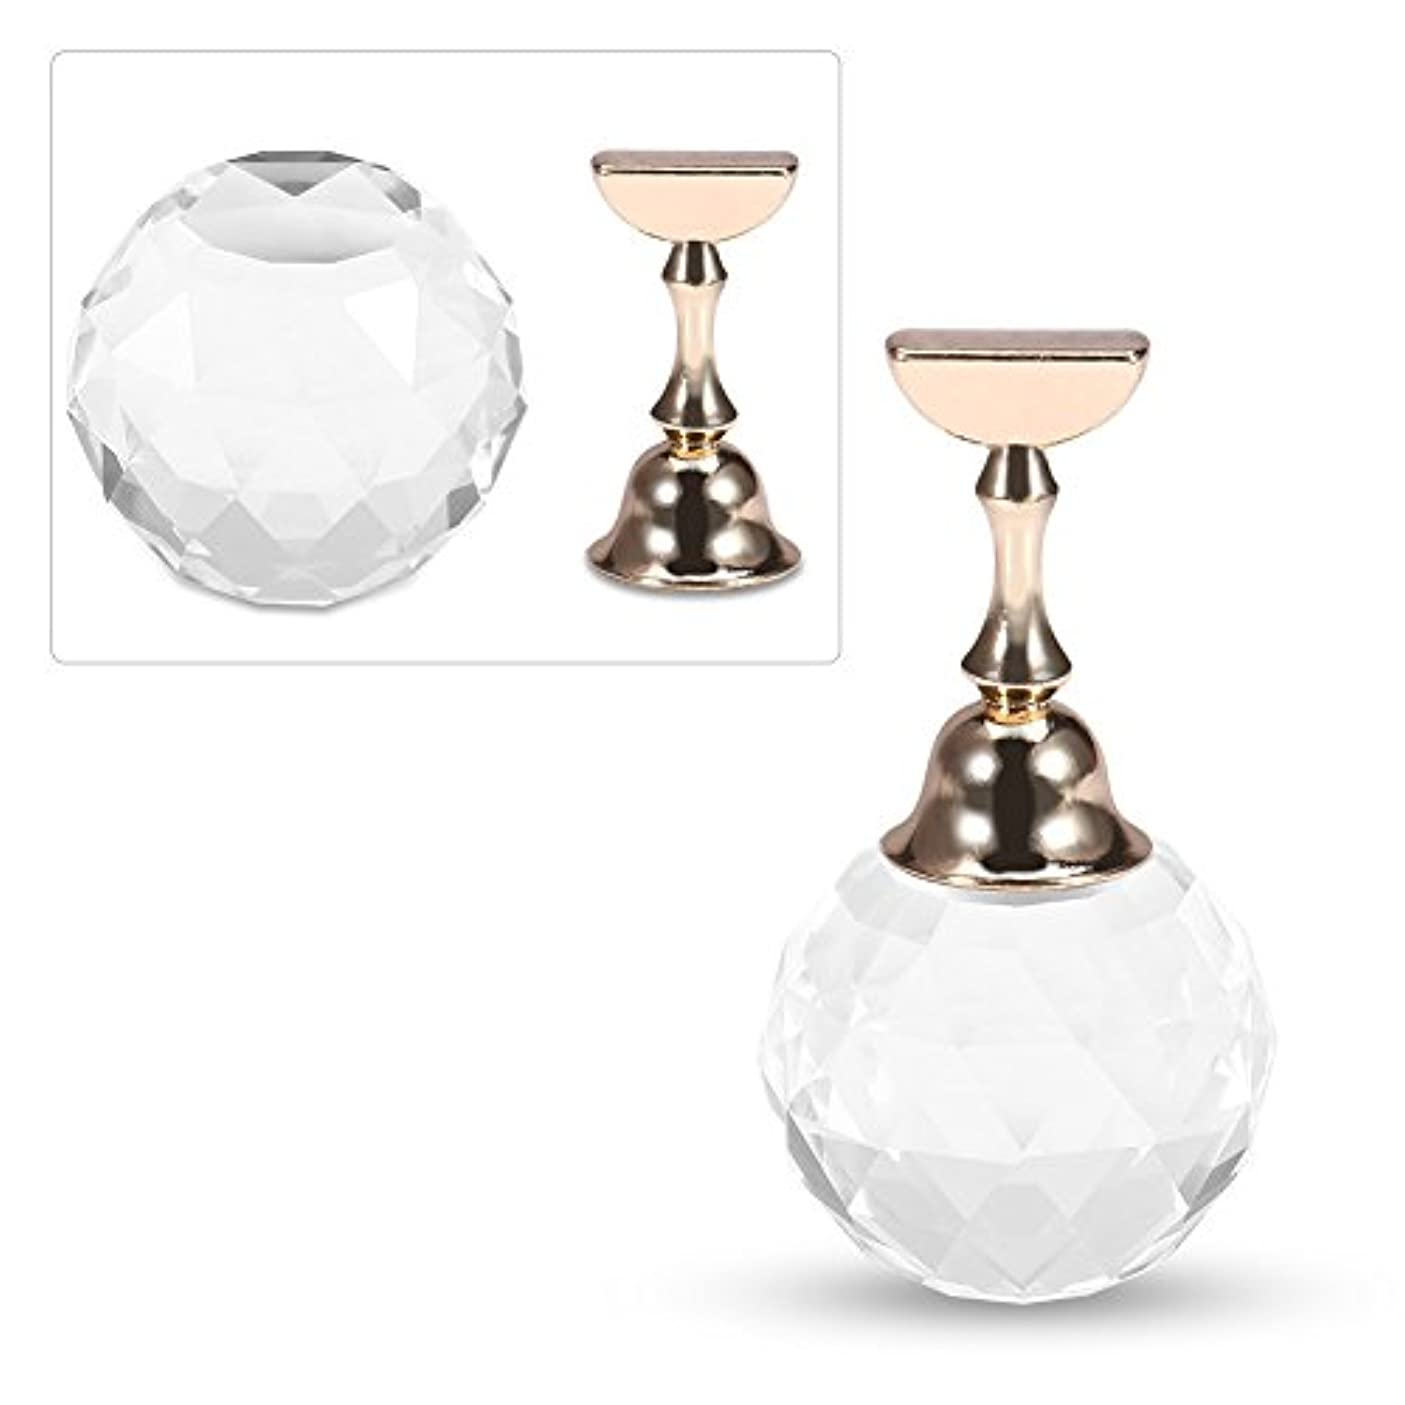 ファイアル交渉する確保する磁気ネイルアート練習ディスプレイスタンドツール(#2白い球状の結晶)